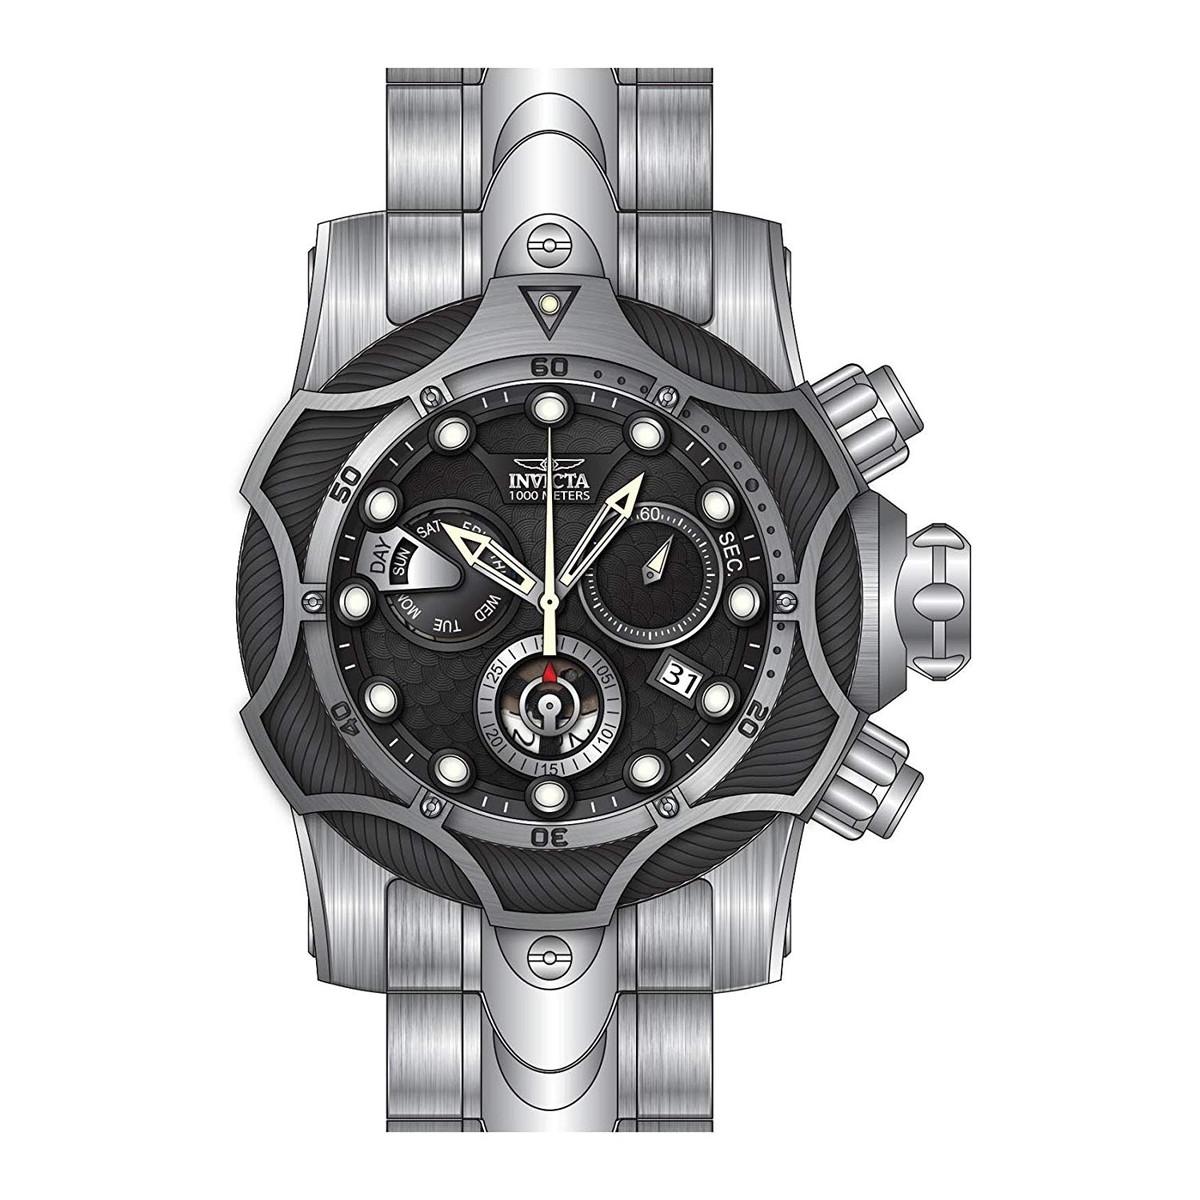 インヴィクタ インビクタ リザーブ 腕時計 メンズ Invicta Reserve Chronograph Black Dial Mens Watch 26650インヴィクタ インビクタ リザーブ 腕時計 メンズ